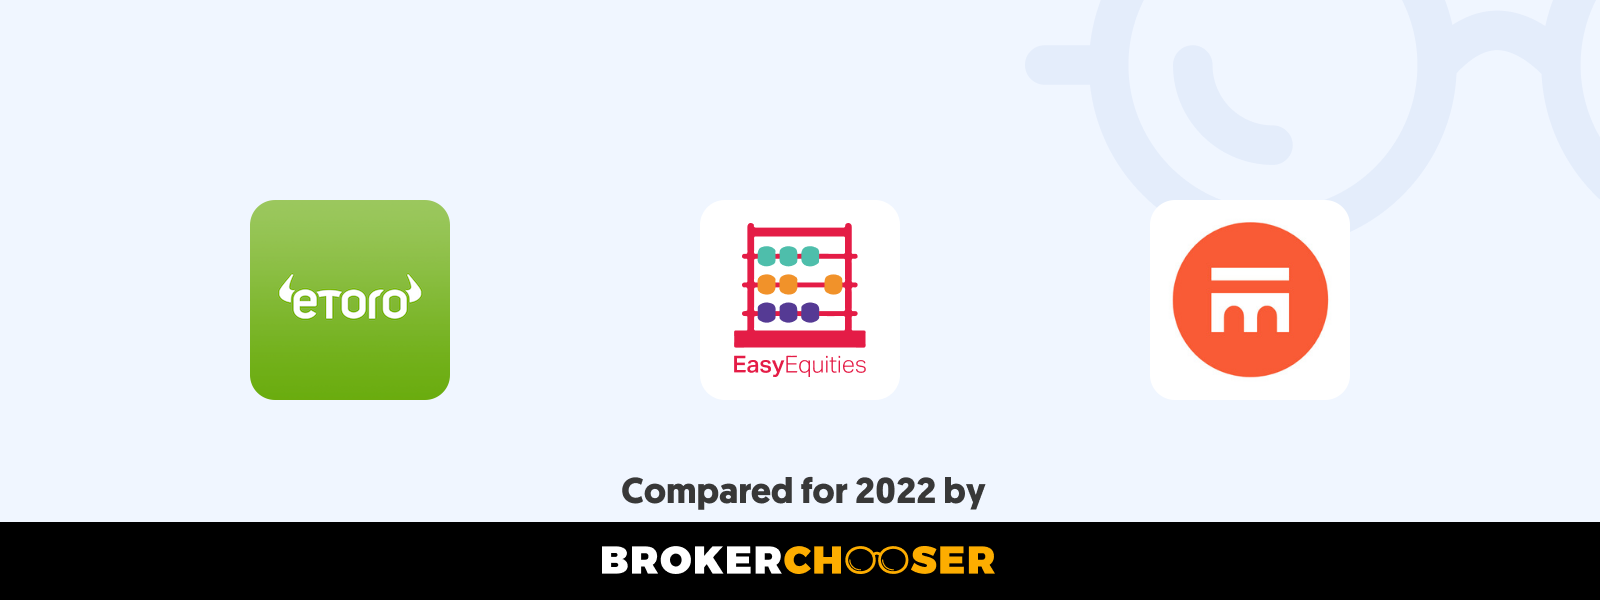 Best brokers for beginners in Venezuela in 2021